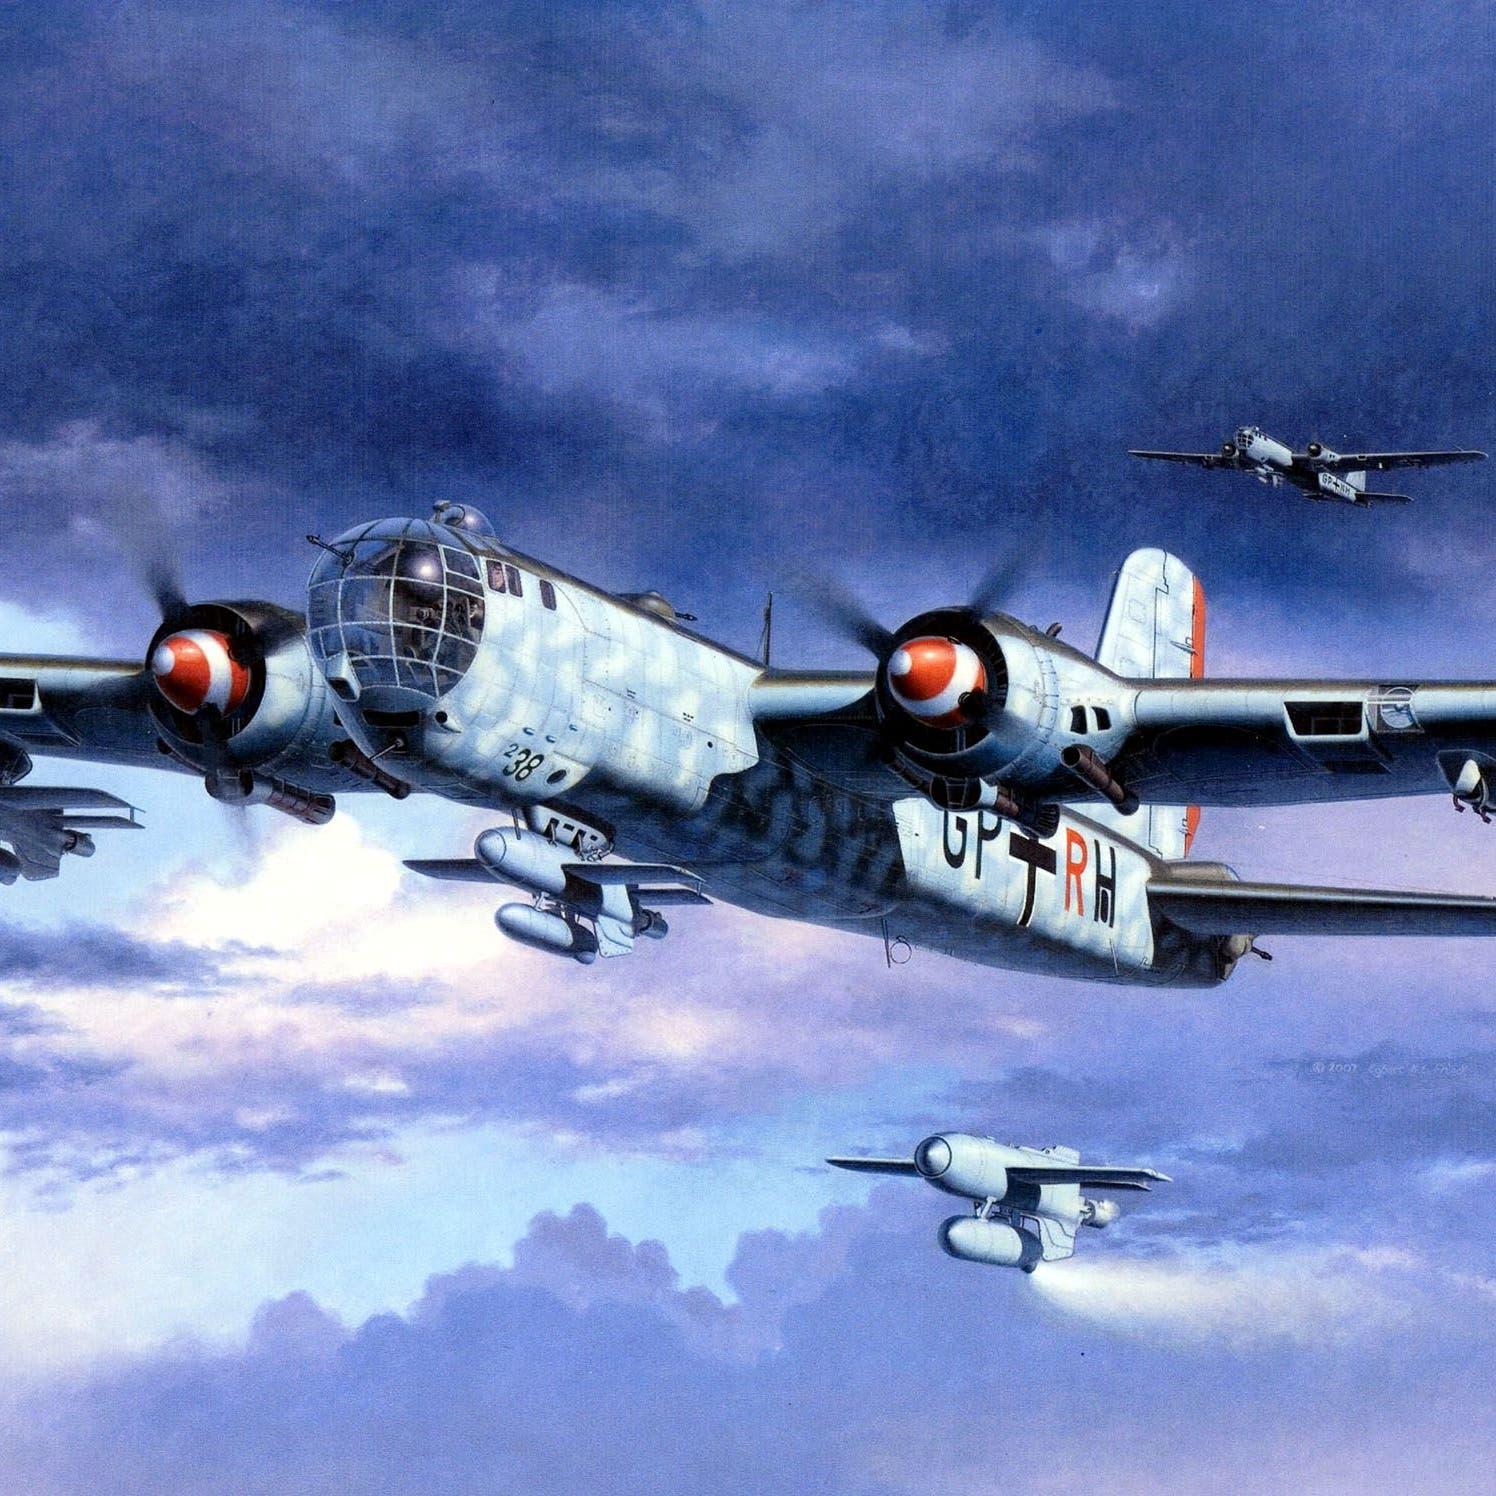 قبل بن لادن.. هكذا خطط هتلر لمهاجمة نيويورك بالطائرات